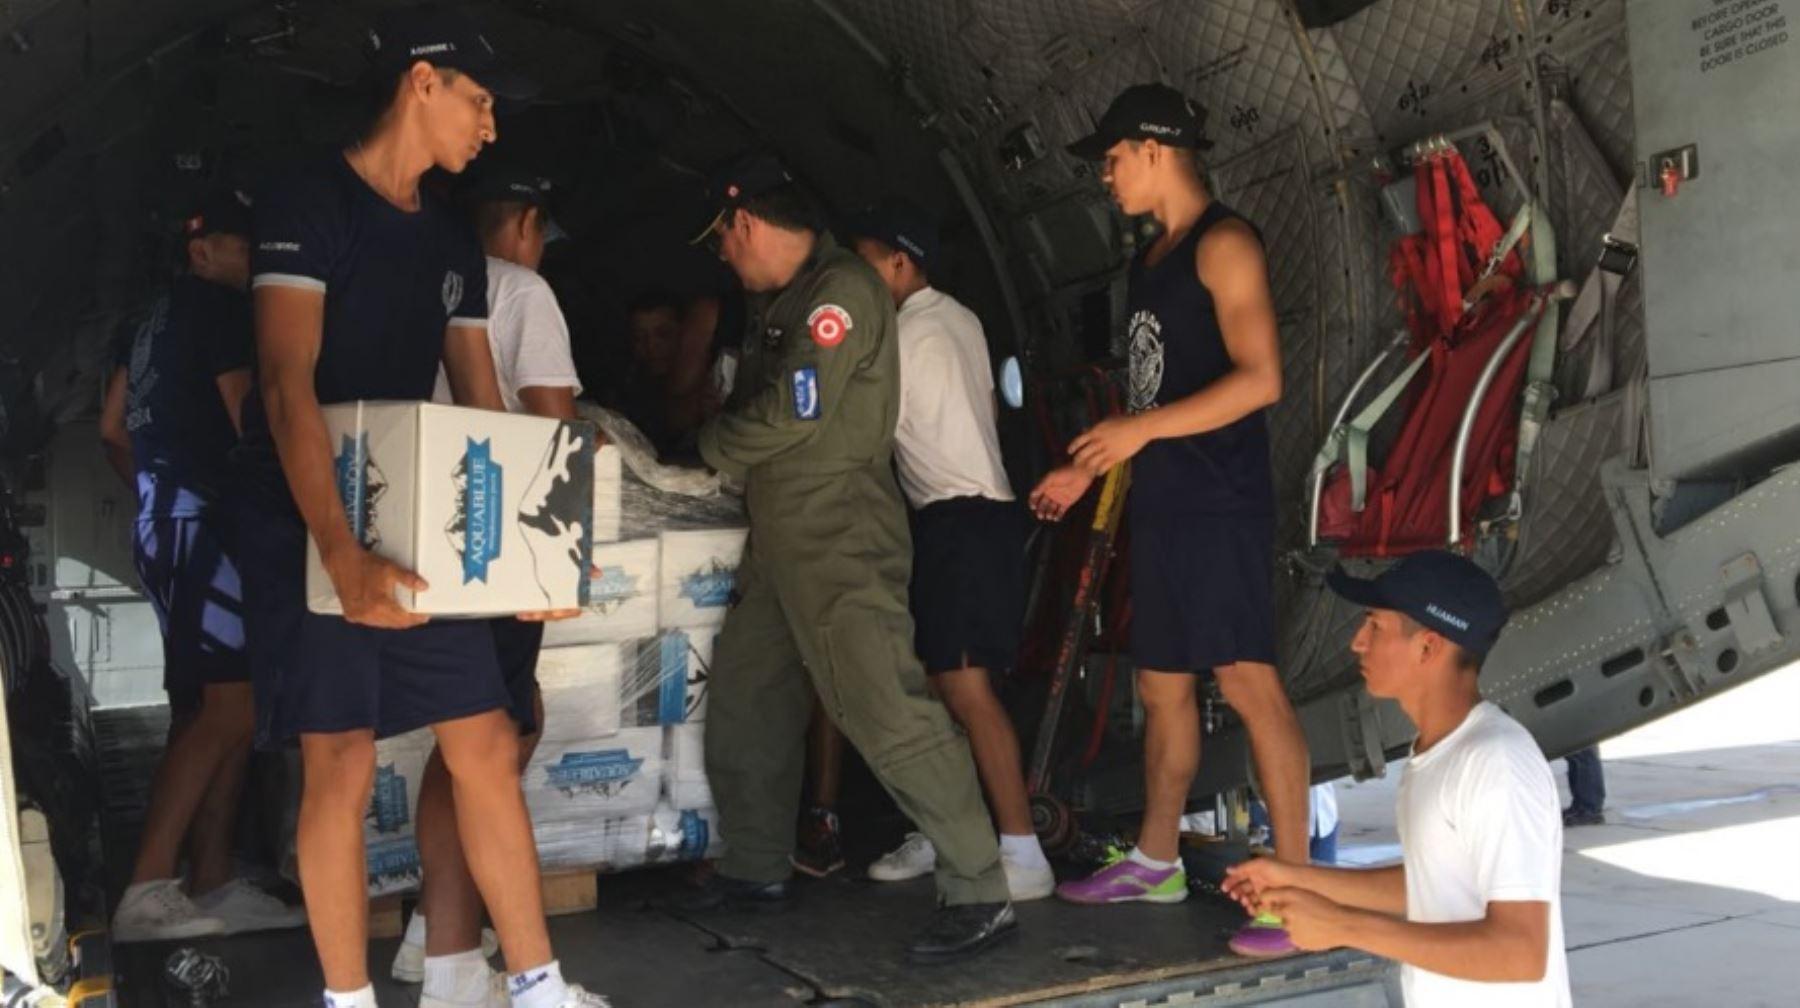 La Fuerza Aérea del Perú (FAP) inició hoy el puente aéreo entre Piura, Chiclayo y Trujillo para atender a la población damnificada por las torrenciales lluvias que han provocado desbordes de ríos, inundaciones y huaicos, entre otros desastres que han incomunicado a estas regiones por vía terrestre.